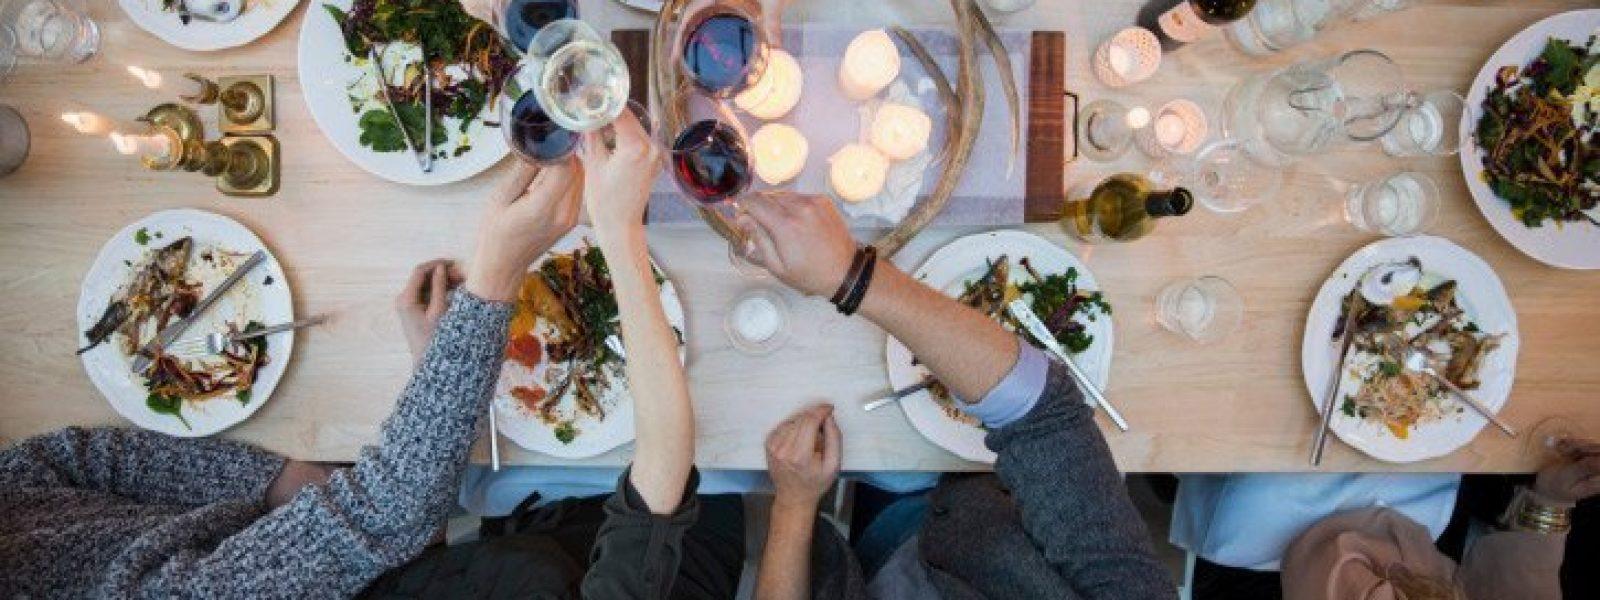 Restaurants ouverts le dimanche à Rennes